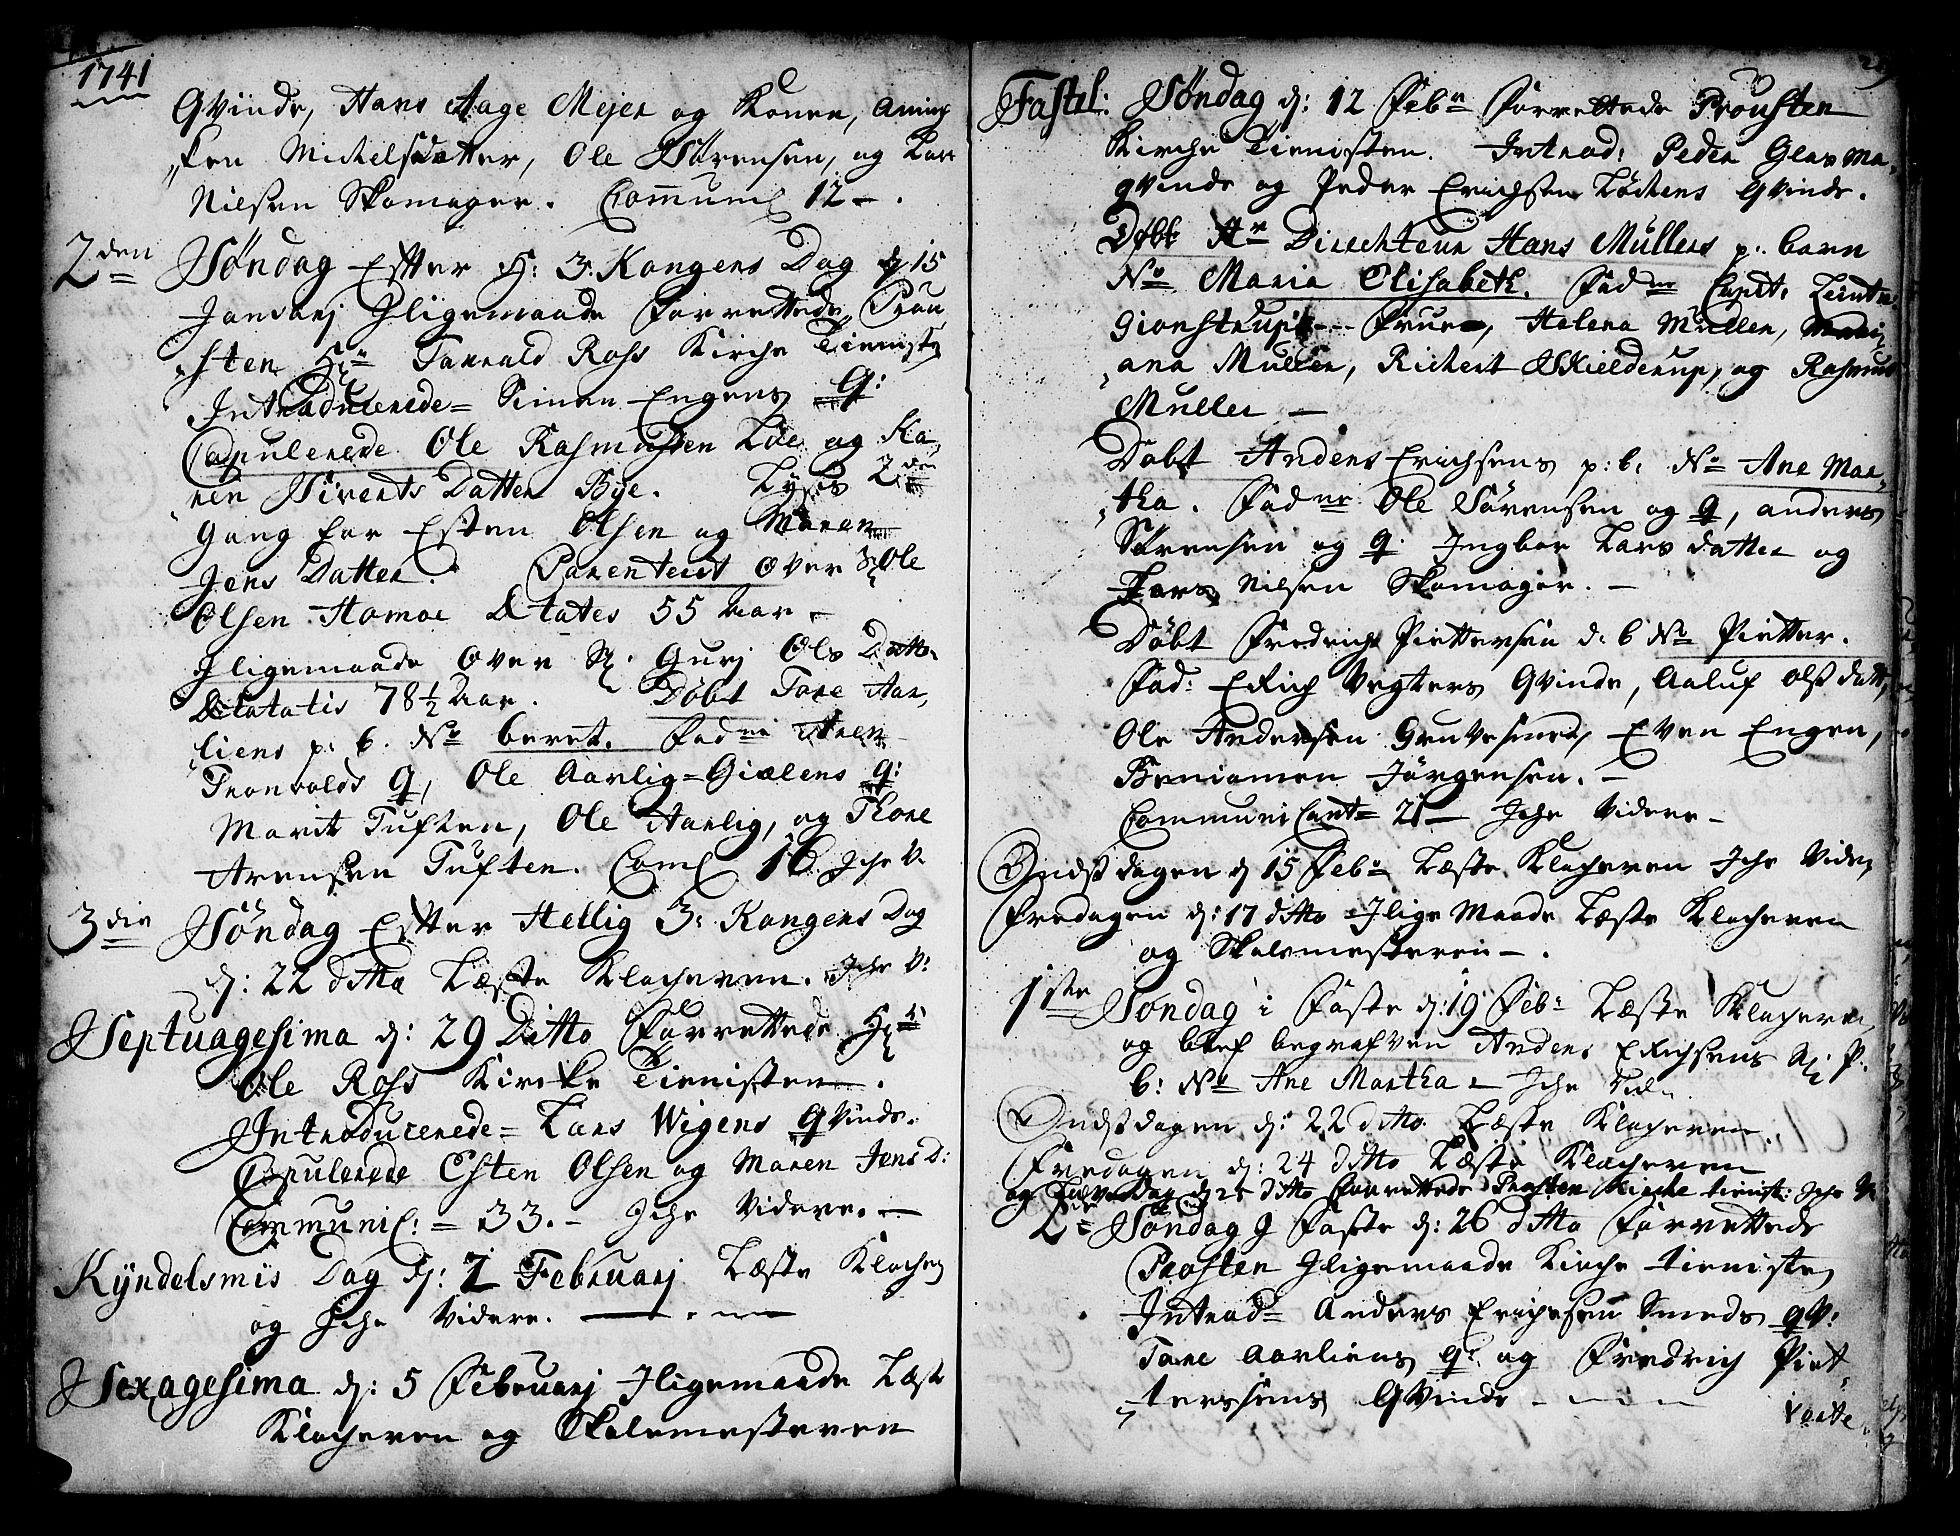 SAT, Ministerialprotokoller, klokkerbøker og fødselsregistre - Sør-Trøndelag, 671/L0839: Ministerialbok nr. 671A01, 1730-1755, s. 218-219